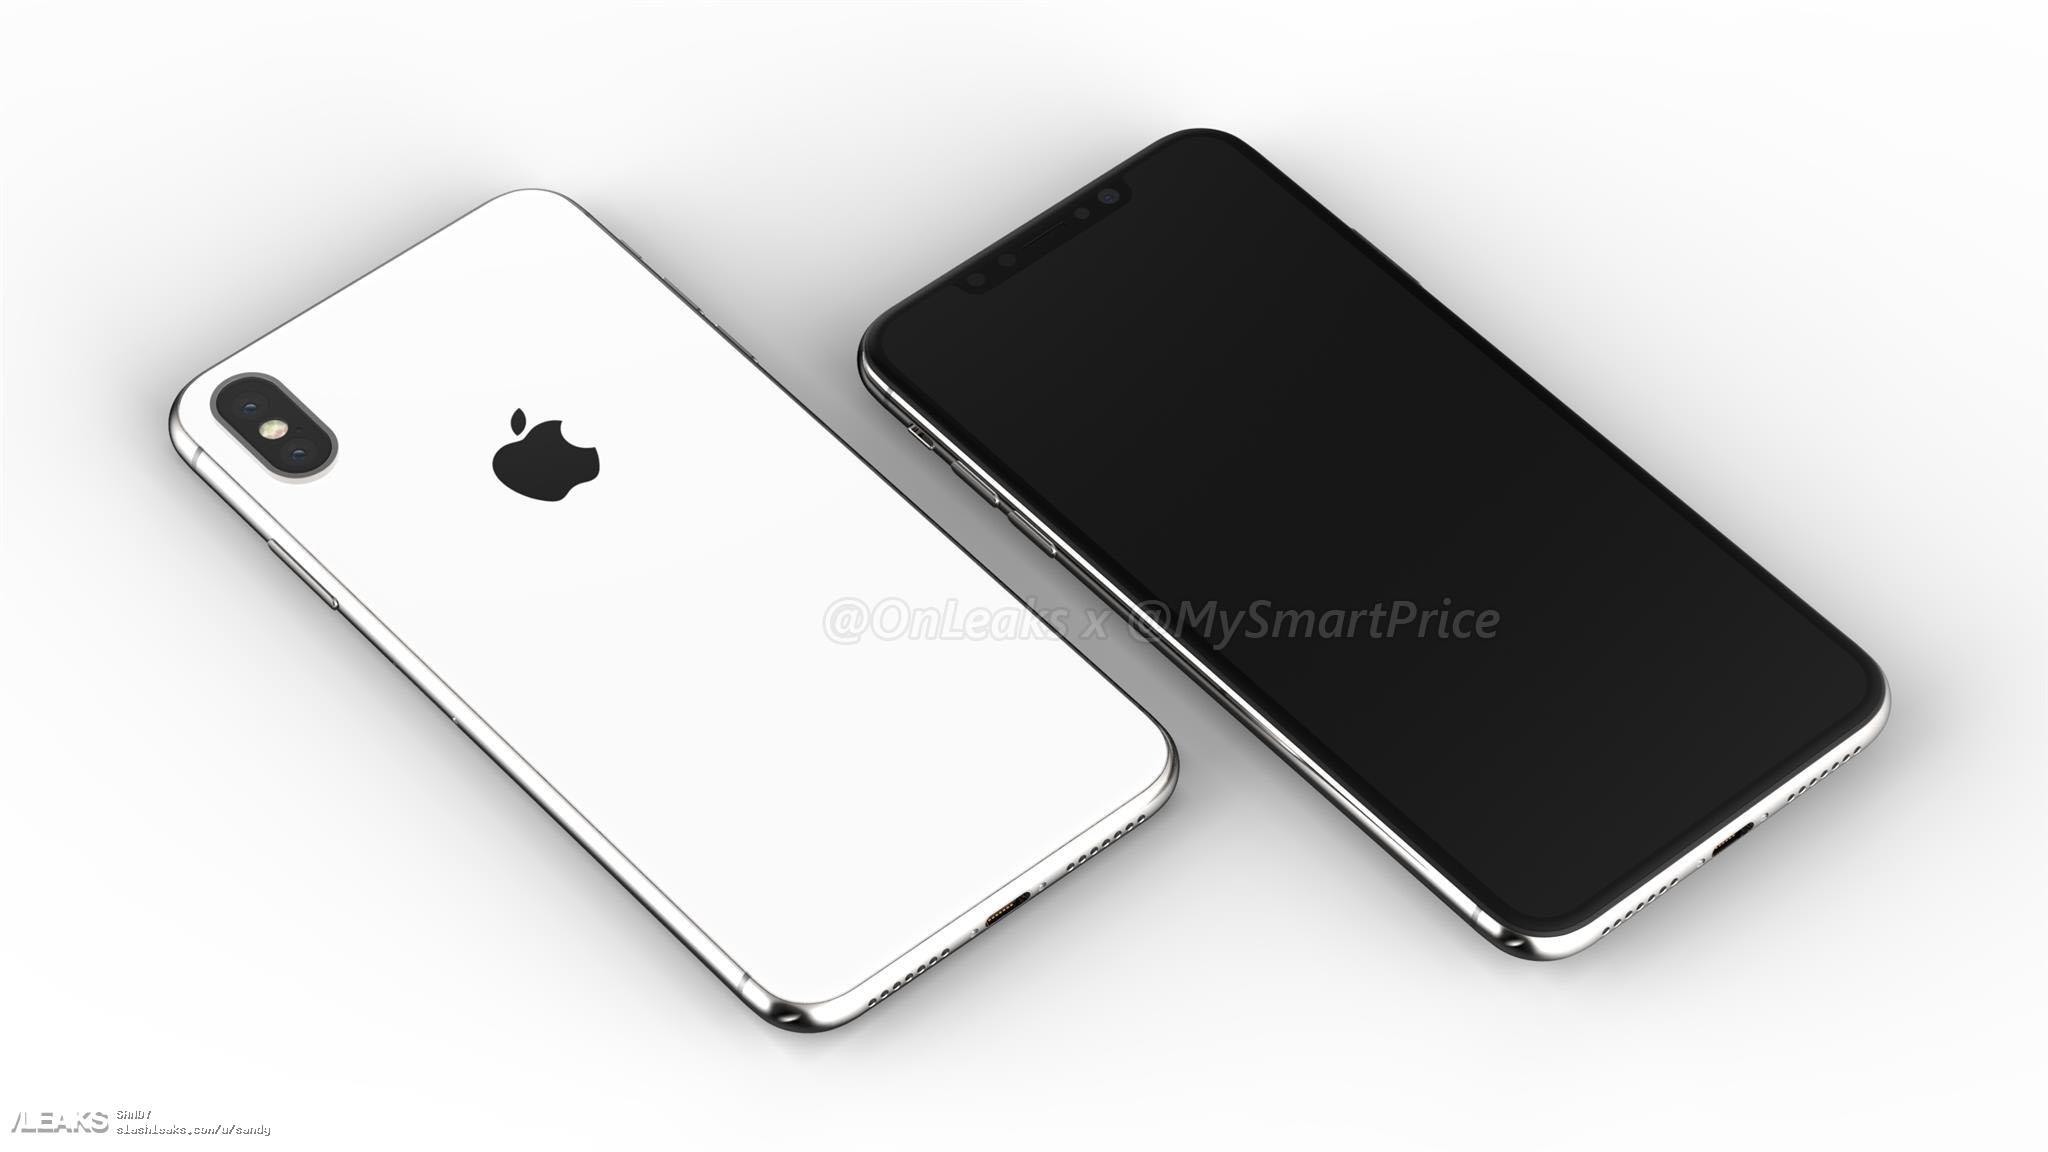 Imagen generada por ordenador del nuevo iPhone X Plus con pantalla de 6,5 pulgadas